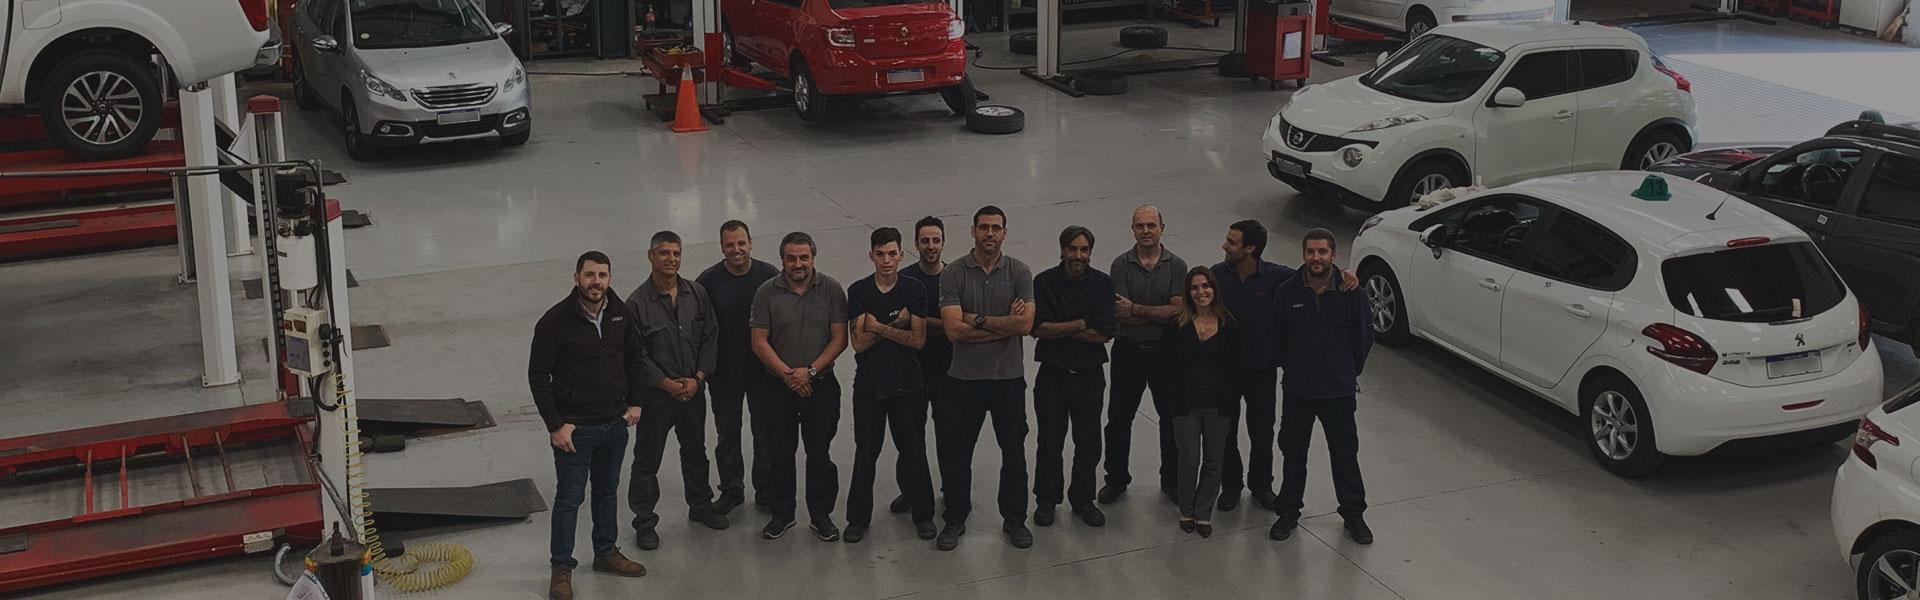 Imagen Staff completo - Taller Automotriz Multimarca Casey